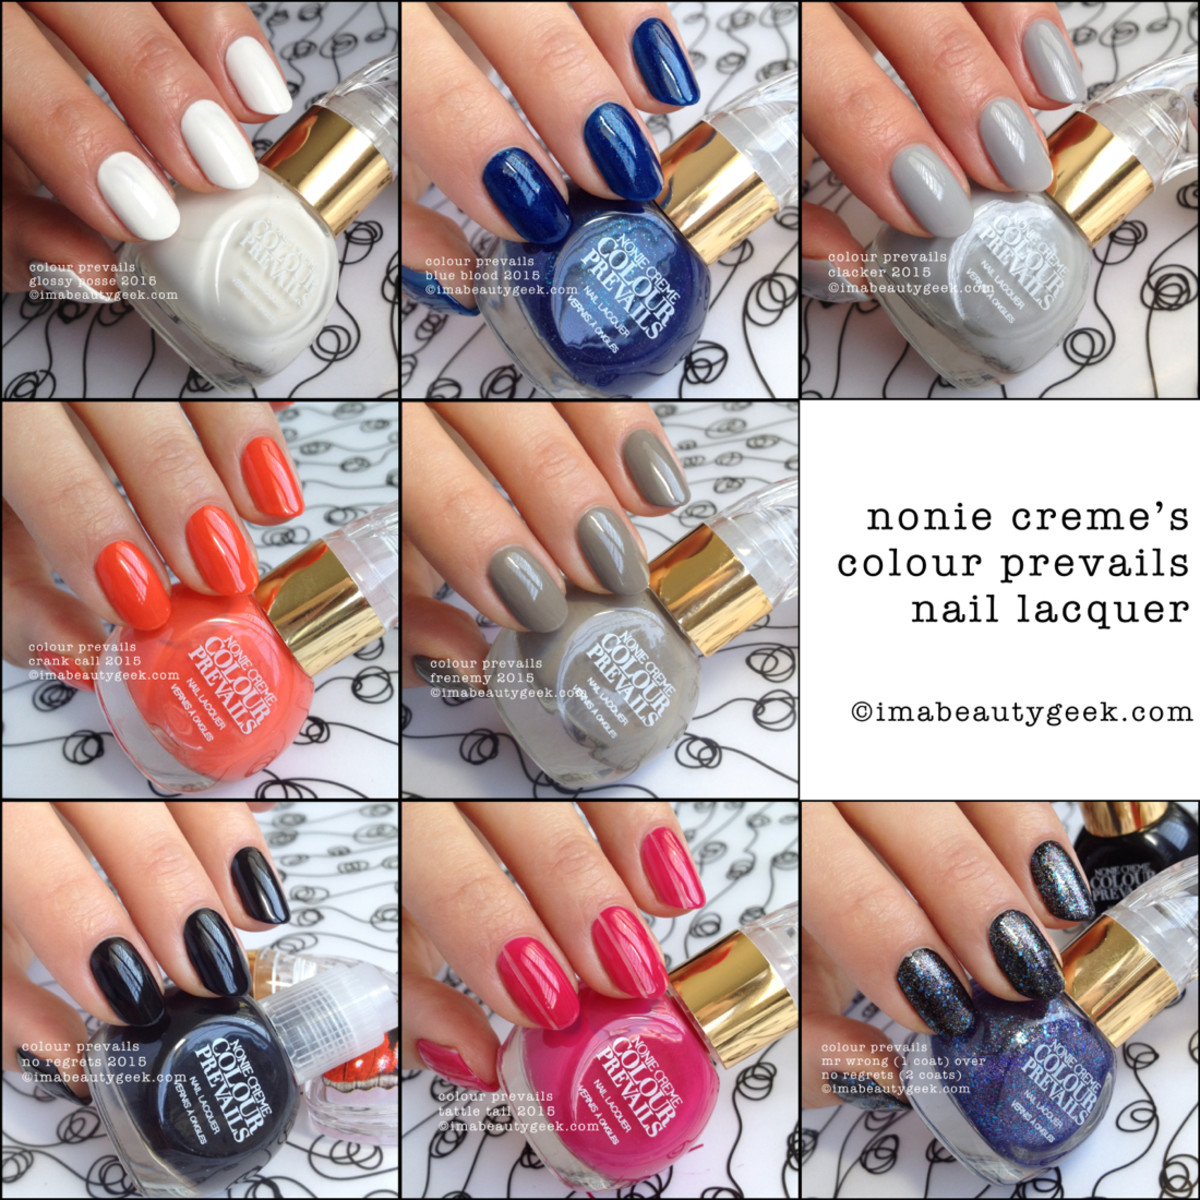 Colour Prevails Nail Polish Swatches Composite